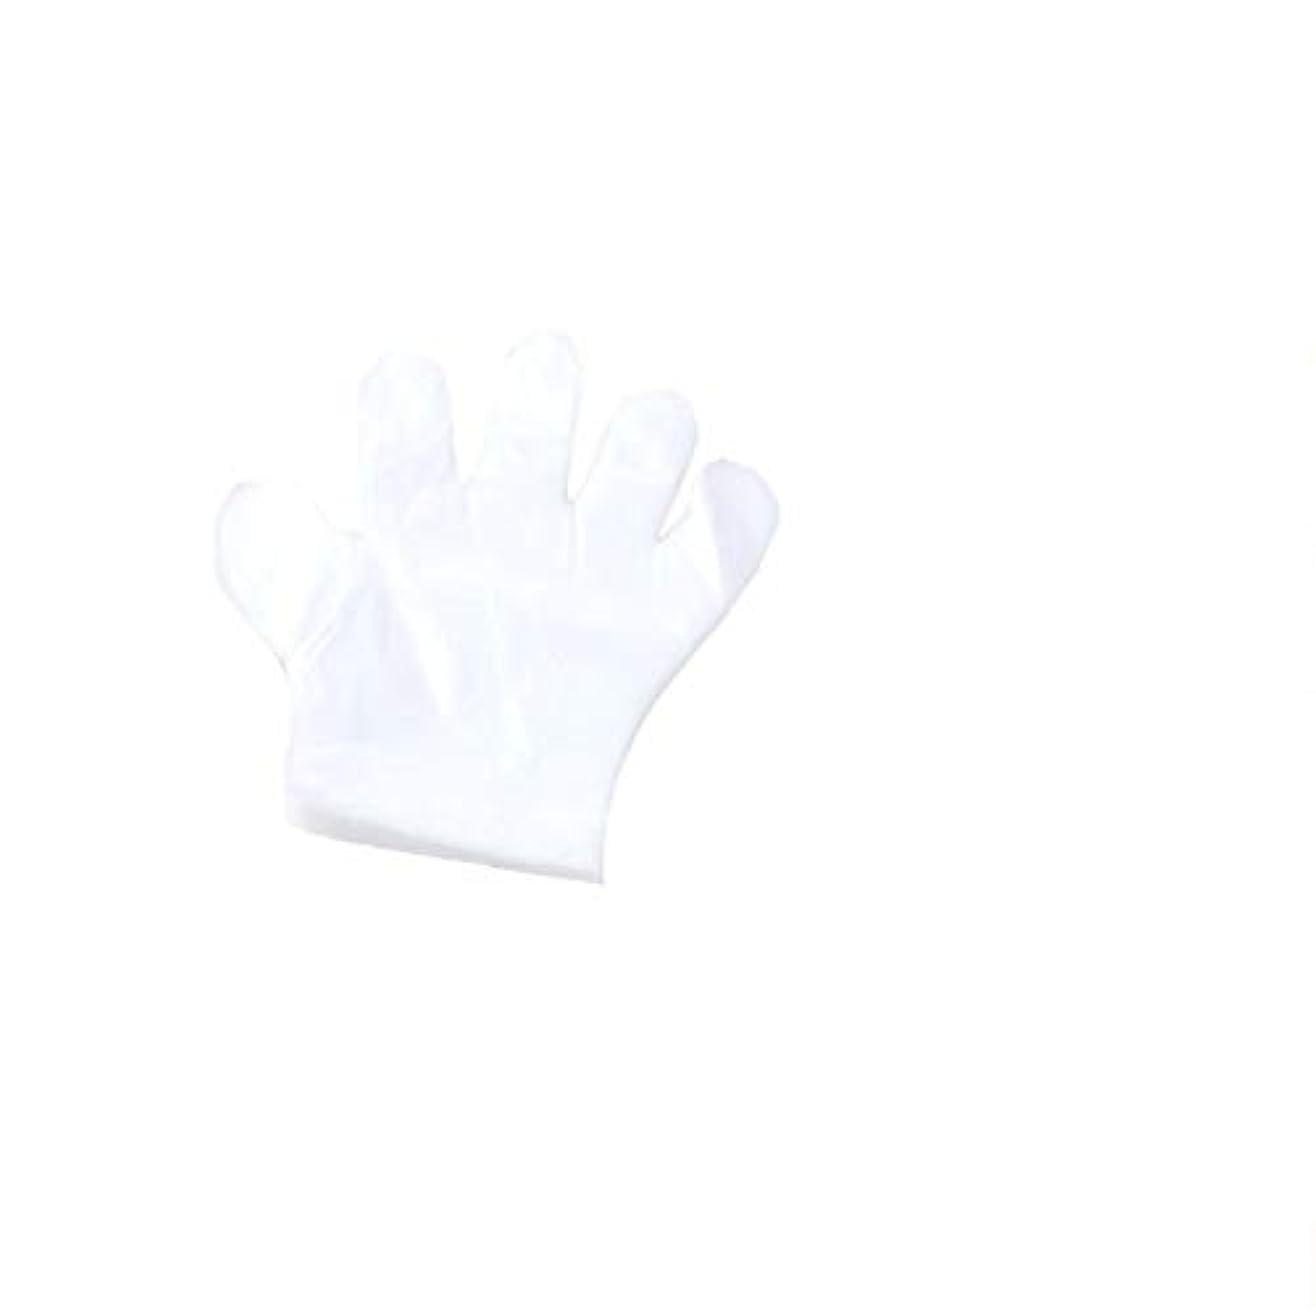 群衆住むフロンティア手袋は、2000年の食品グレードの家庭用の透明プラスチック使い捨て手袋でのみ厚くなっています。 (UnitCount : 2000*2000)